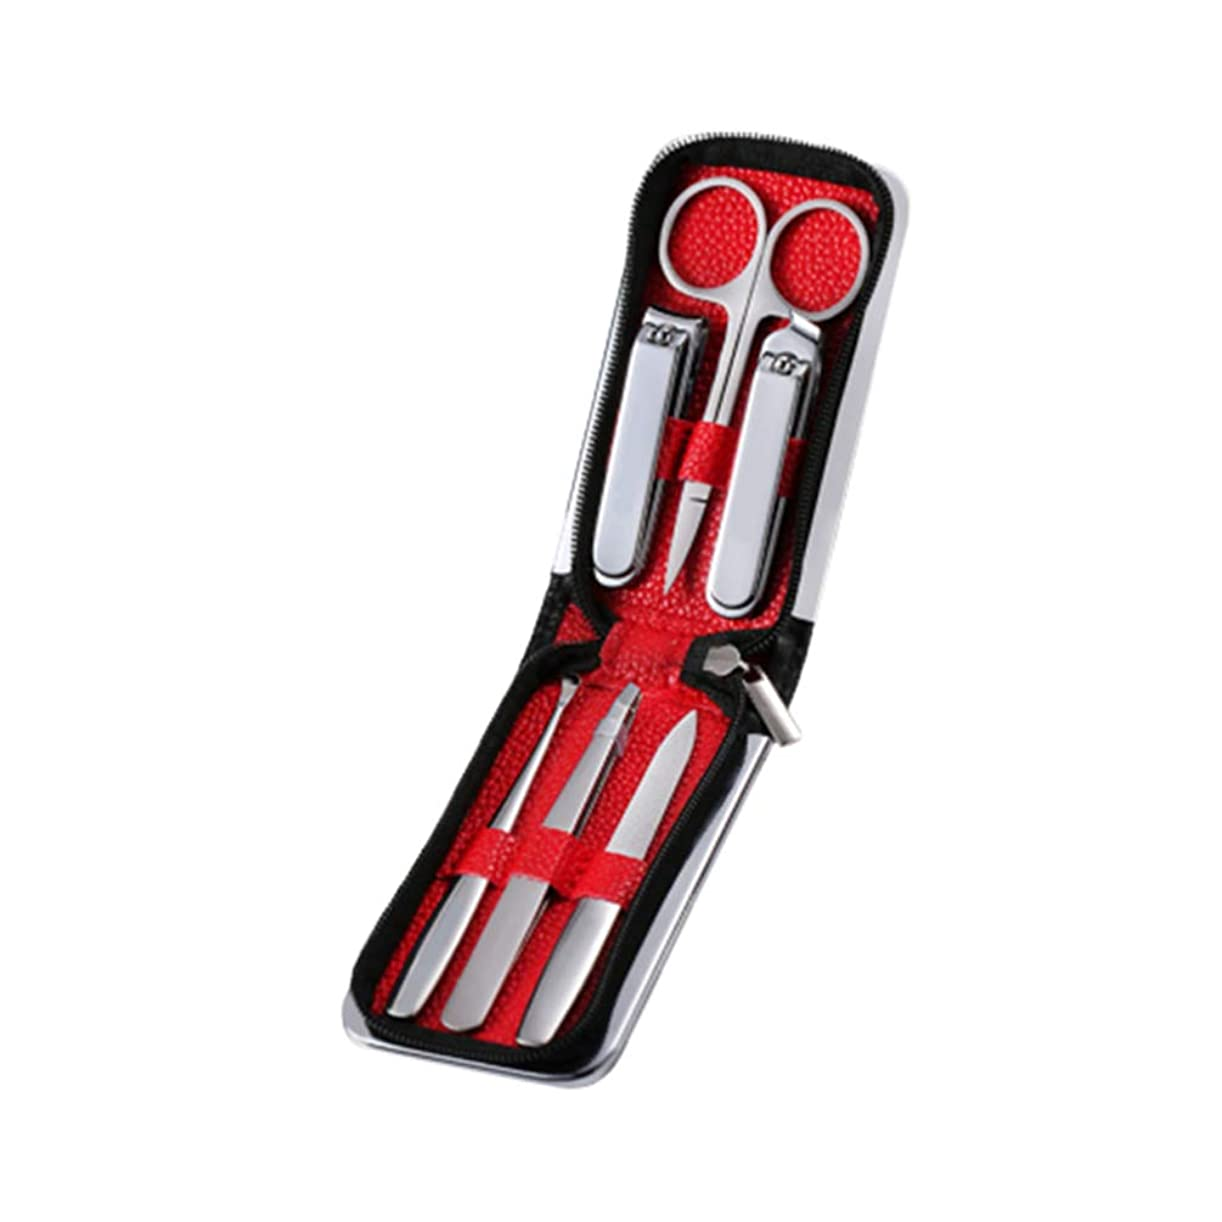 アーティファクト基本的なスマッシュHeallily 爪切り1セットの爪切りマニキュアツールセットケースステンレス鋼の爪カッタートリマーマニキュアツールキット男性女性屋外旅行